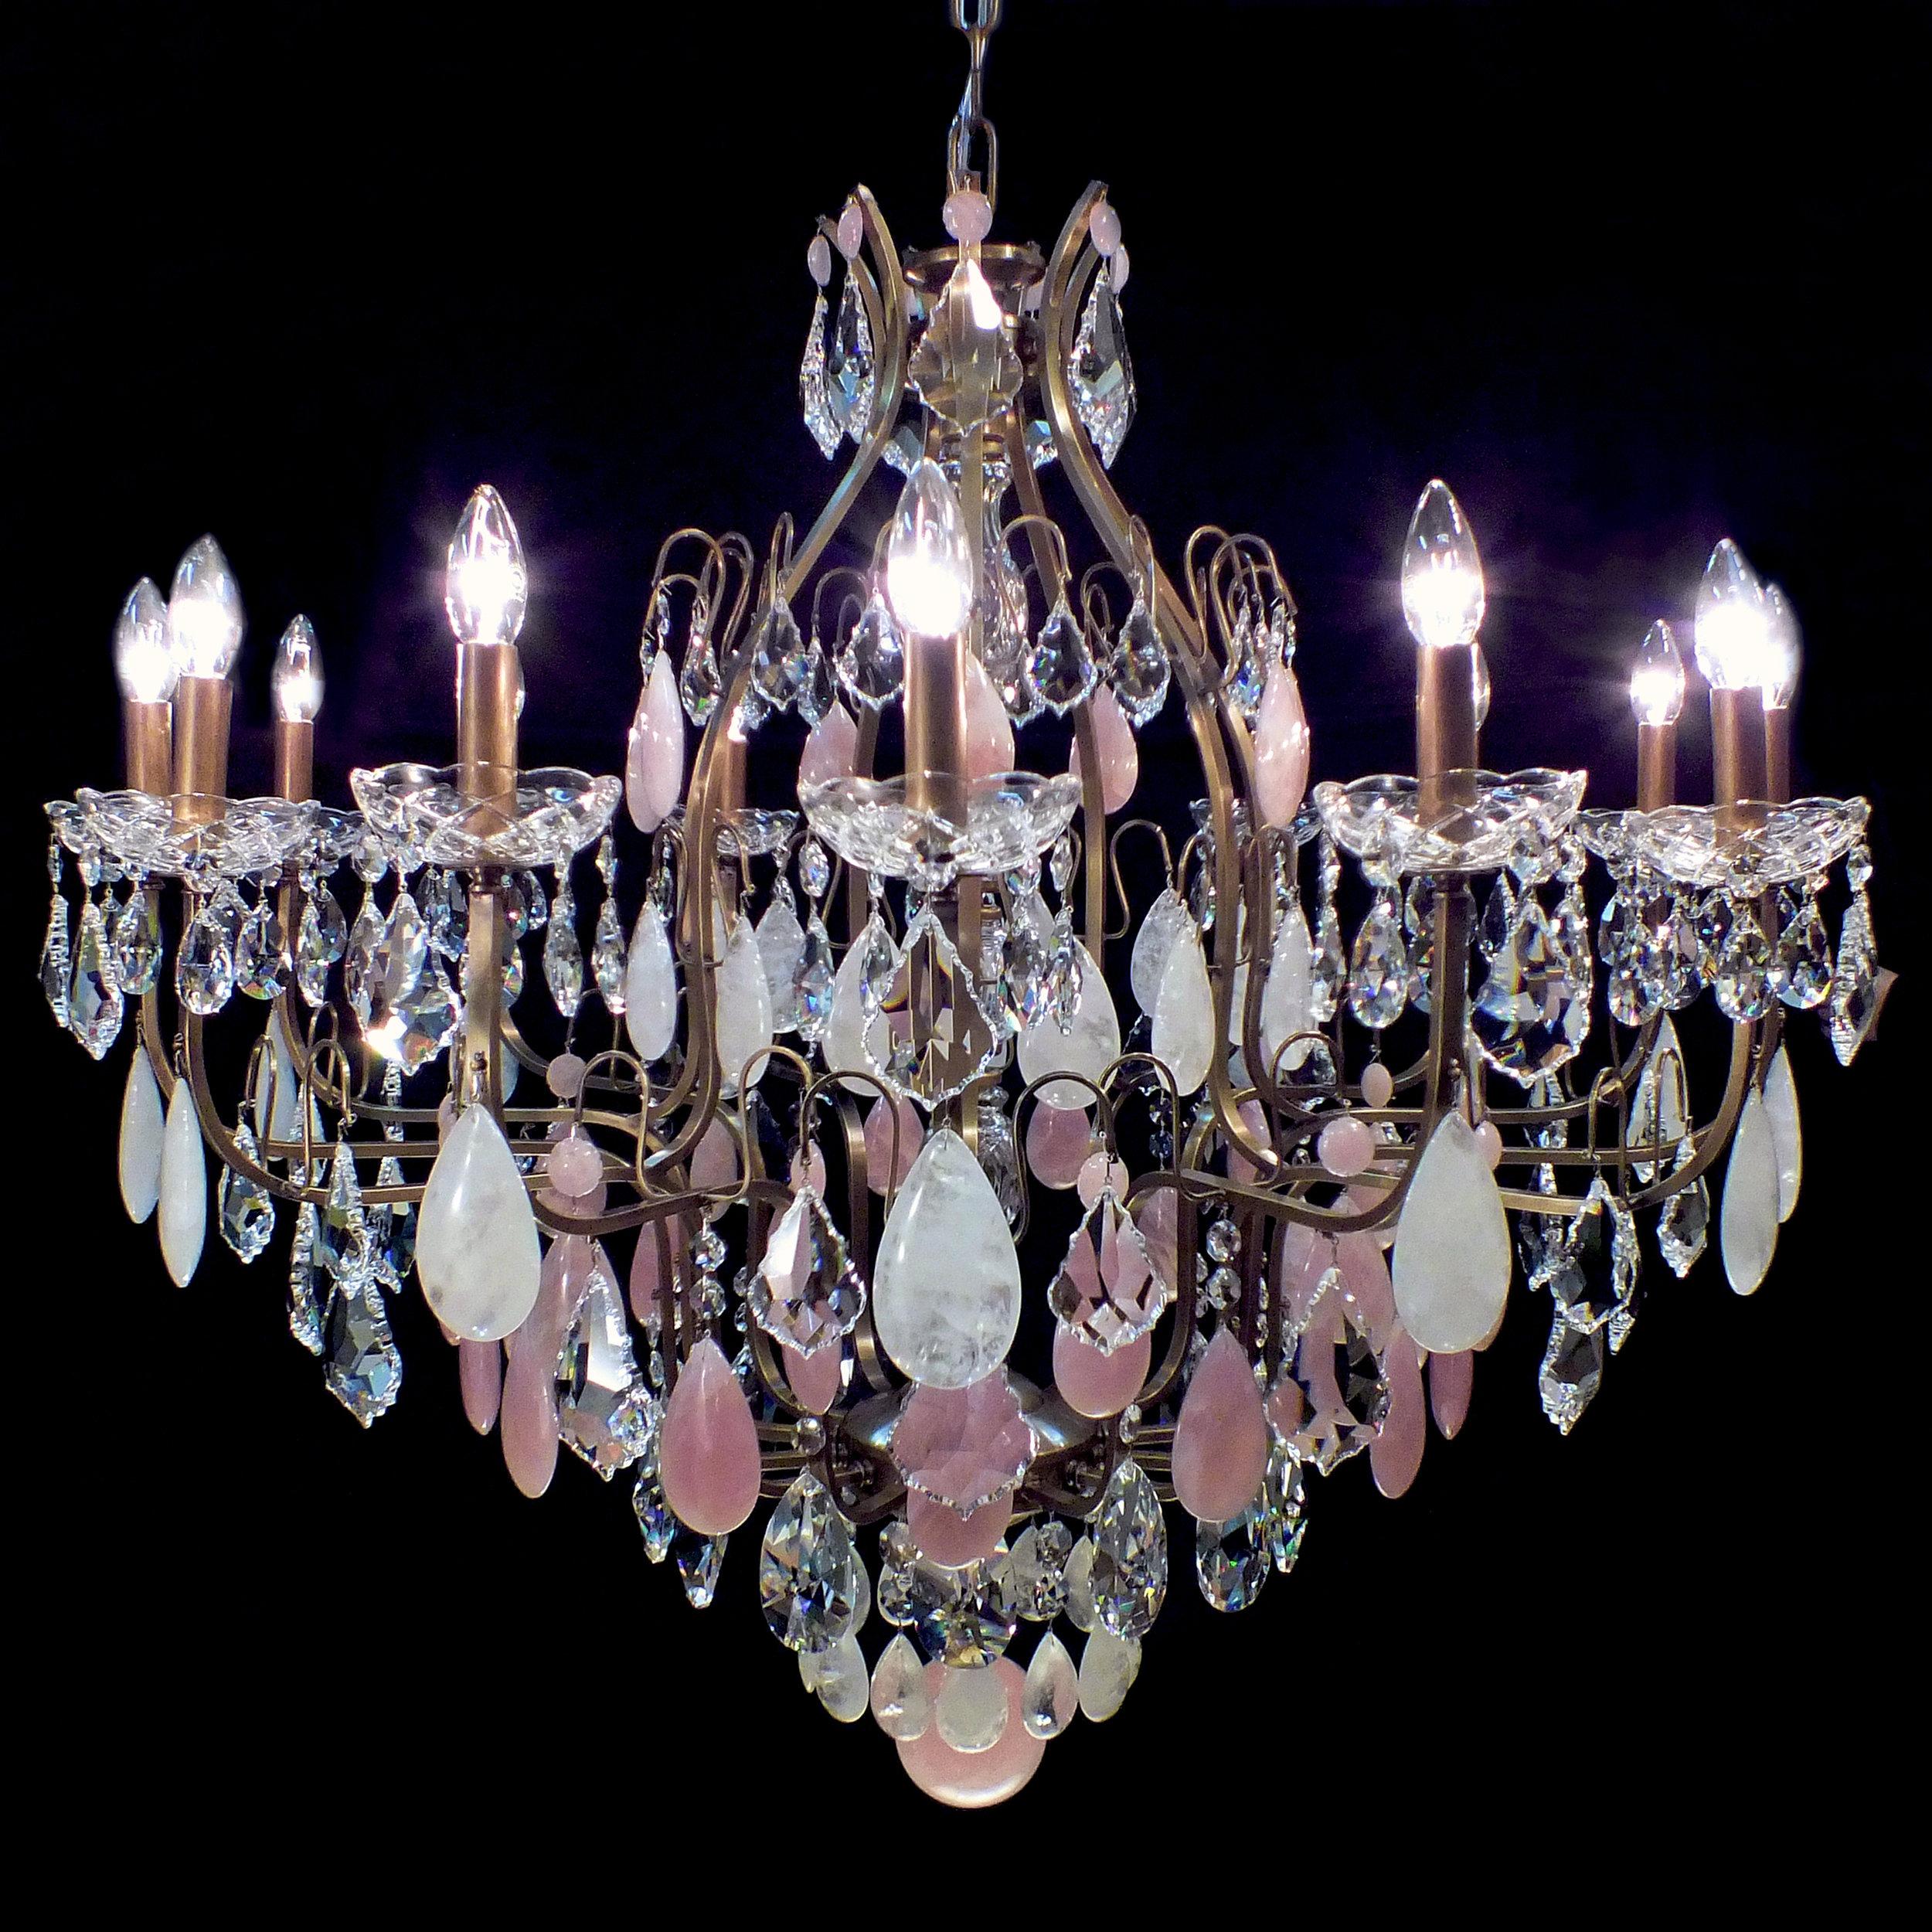 Lustre Mântova 14 braços com cristais de rocha nas cores branco e rosa.